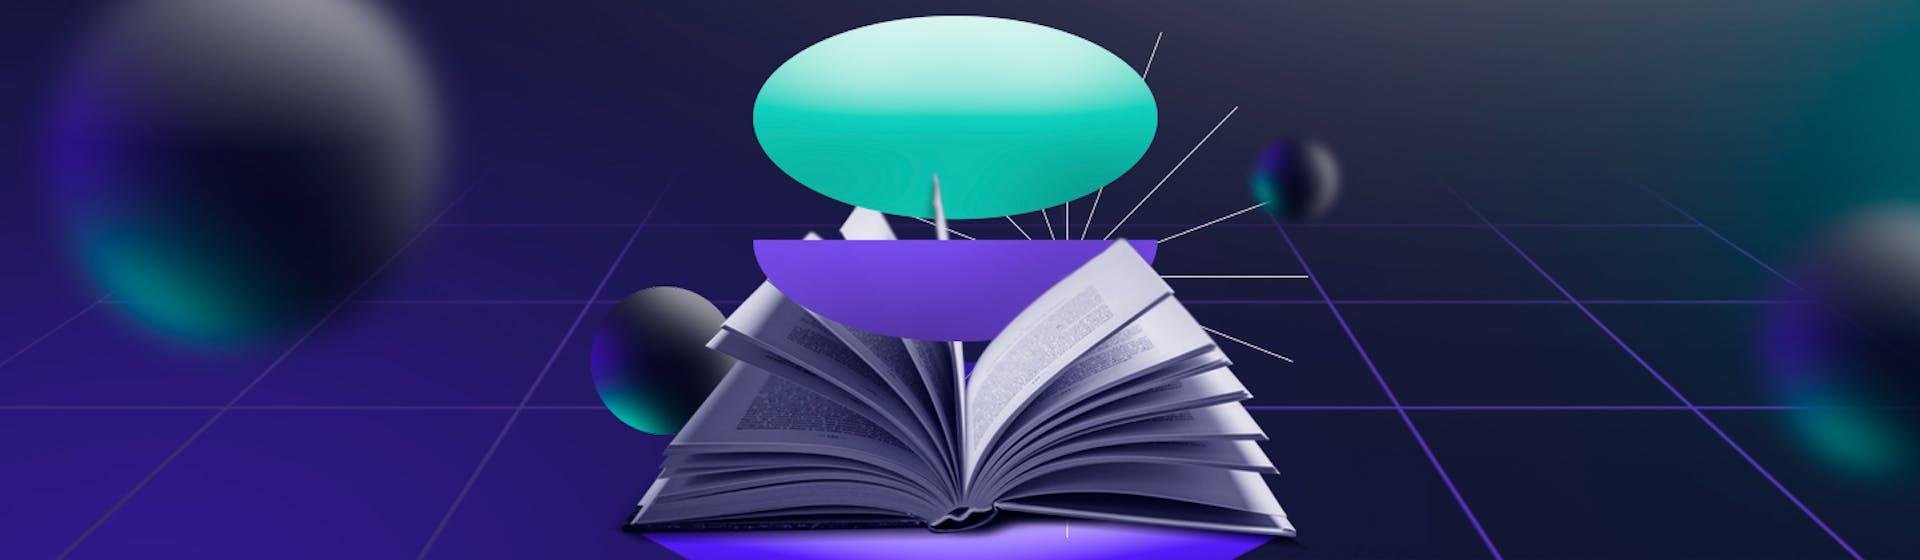 ¿Qué es un guion literario?: La guía para audiovisuales novatos